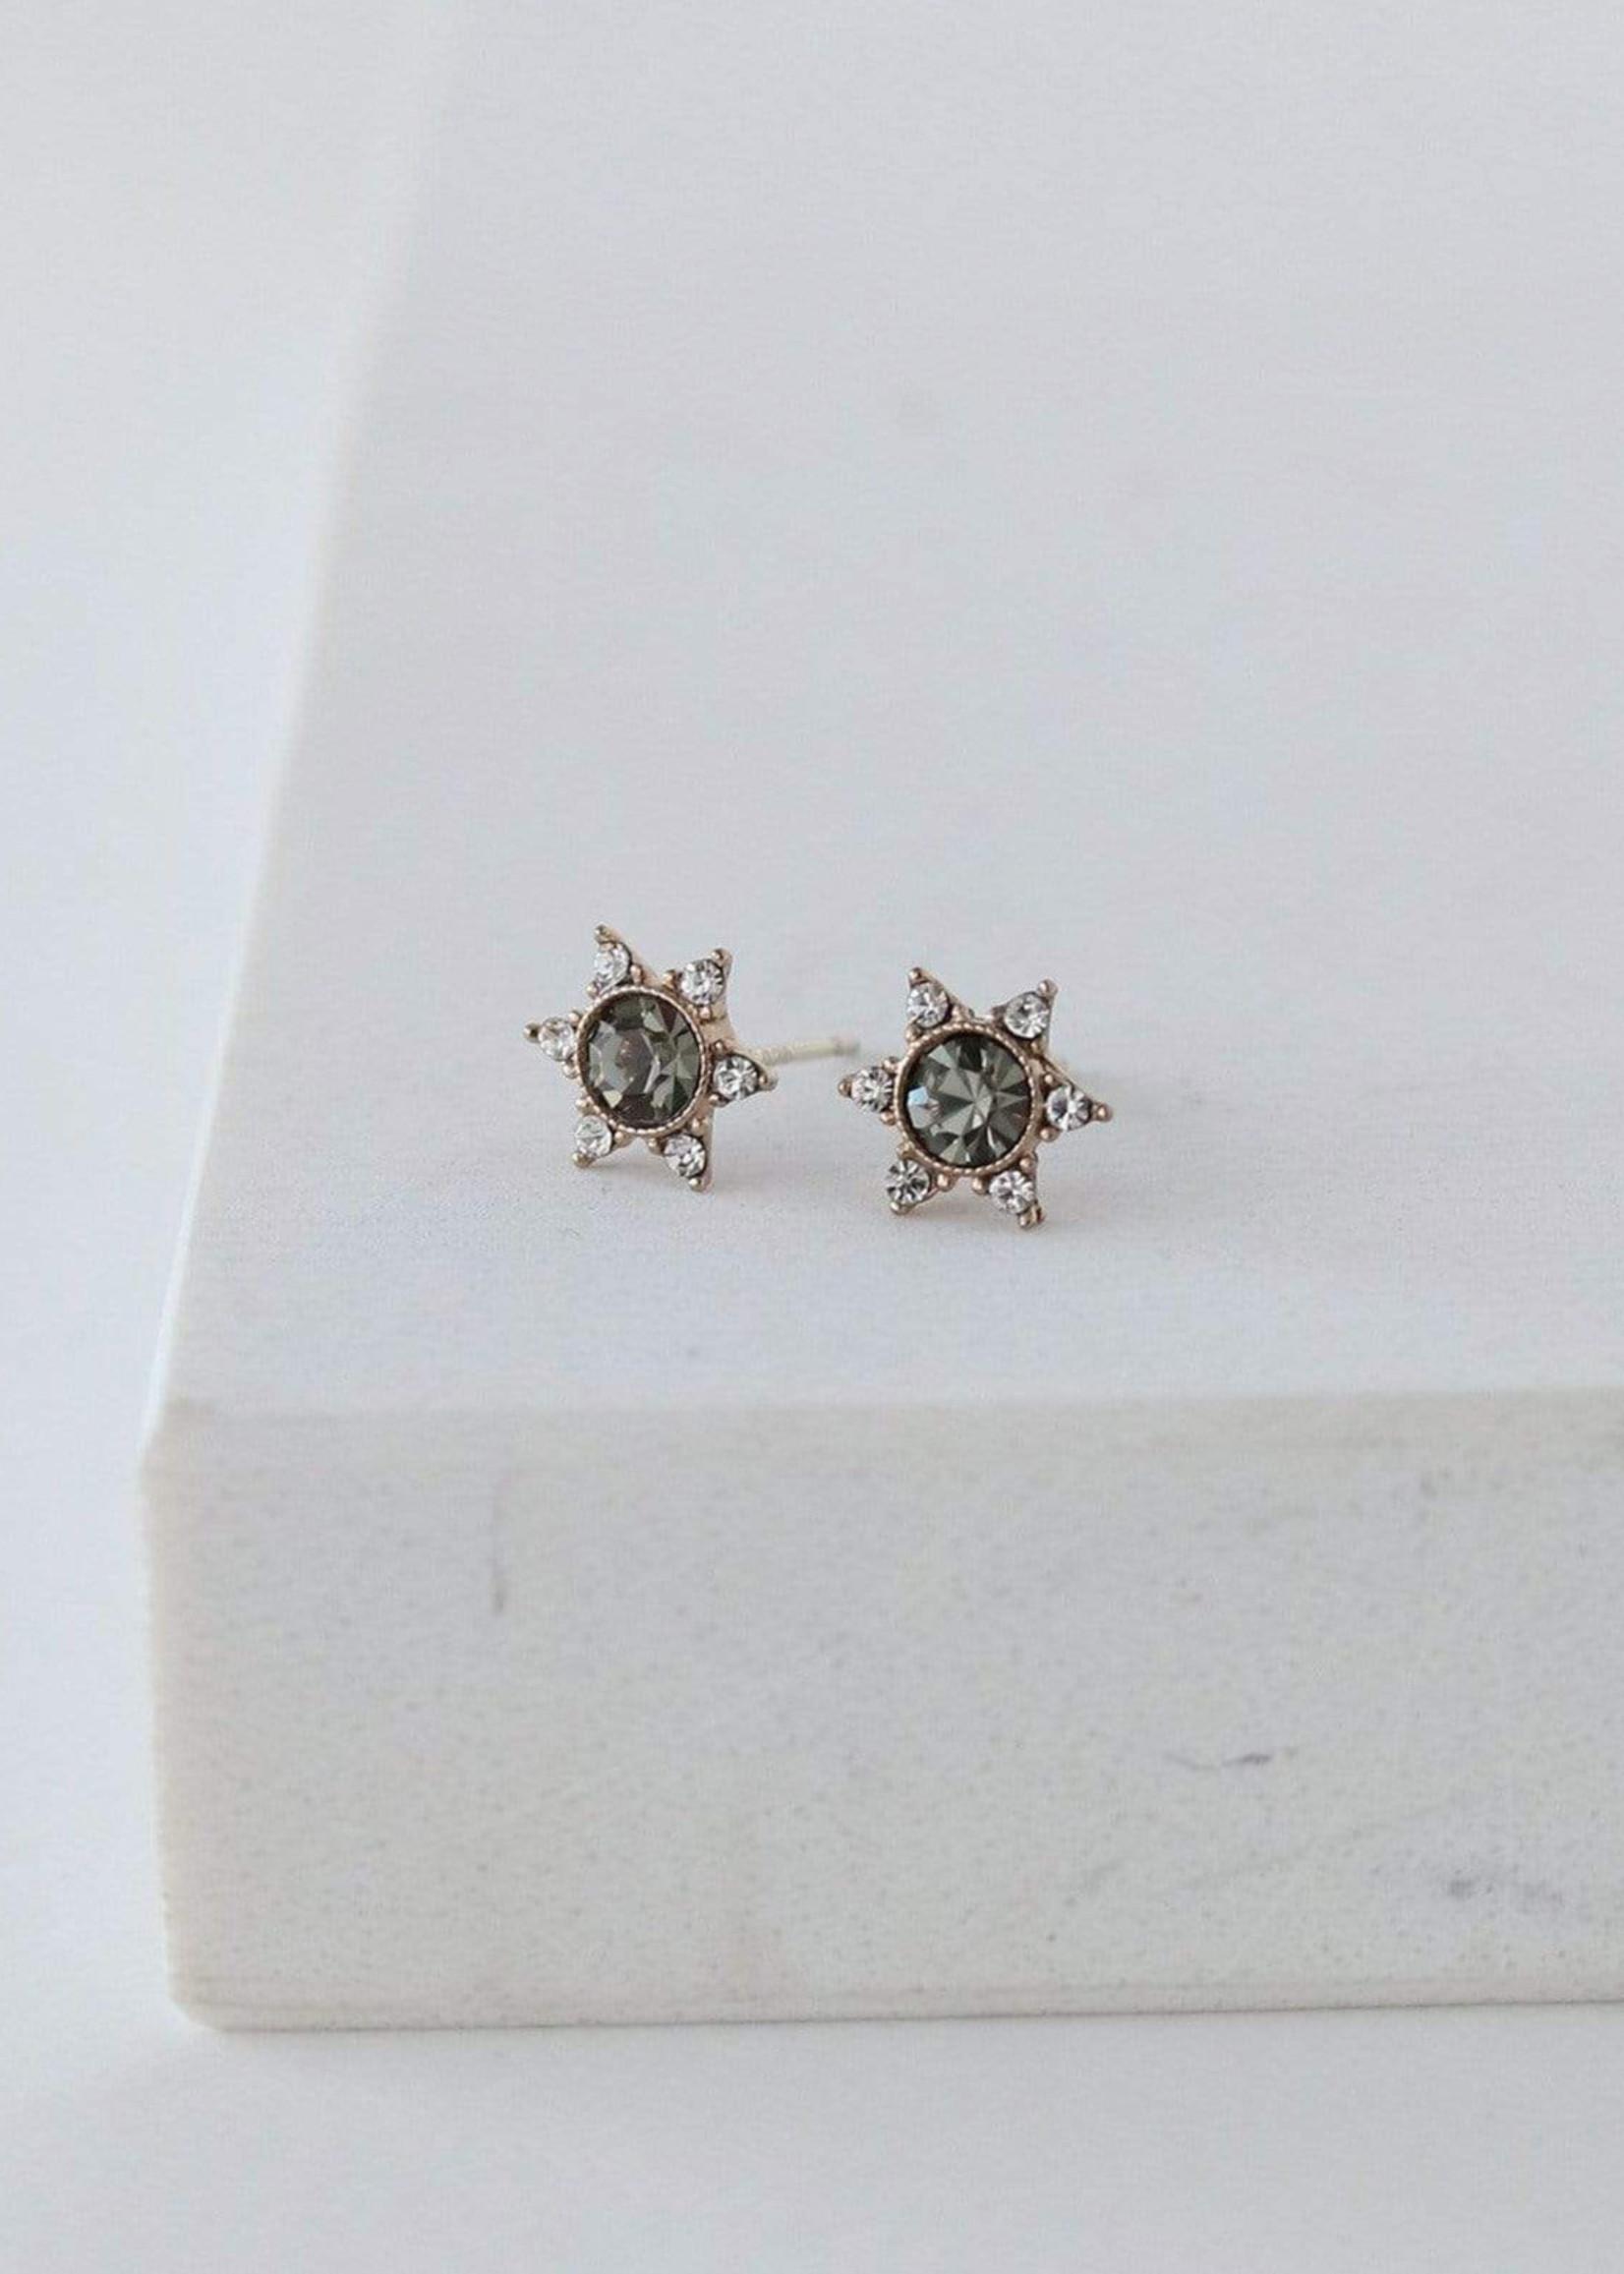 Starlit Stud Earrings Black Diamond